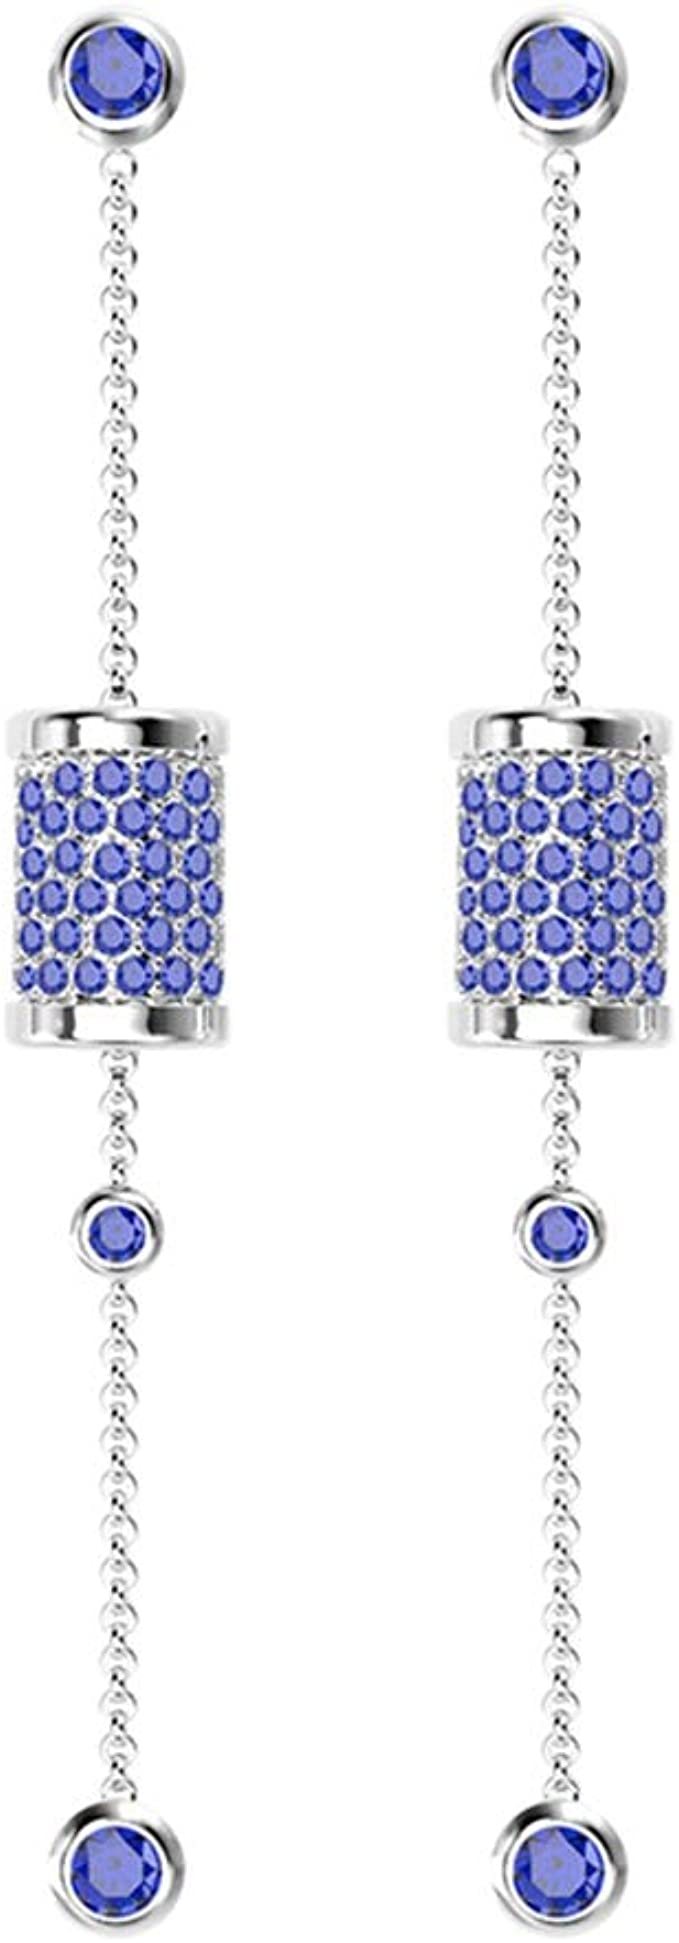 SKA Jewelry Love Heart Earrings Studs for Women Cubic Zirconia Drop Dangle Earrings Fashion Ear Studs